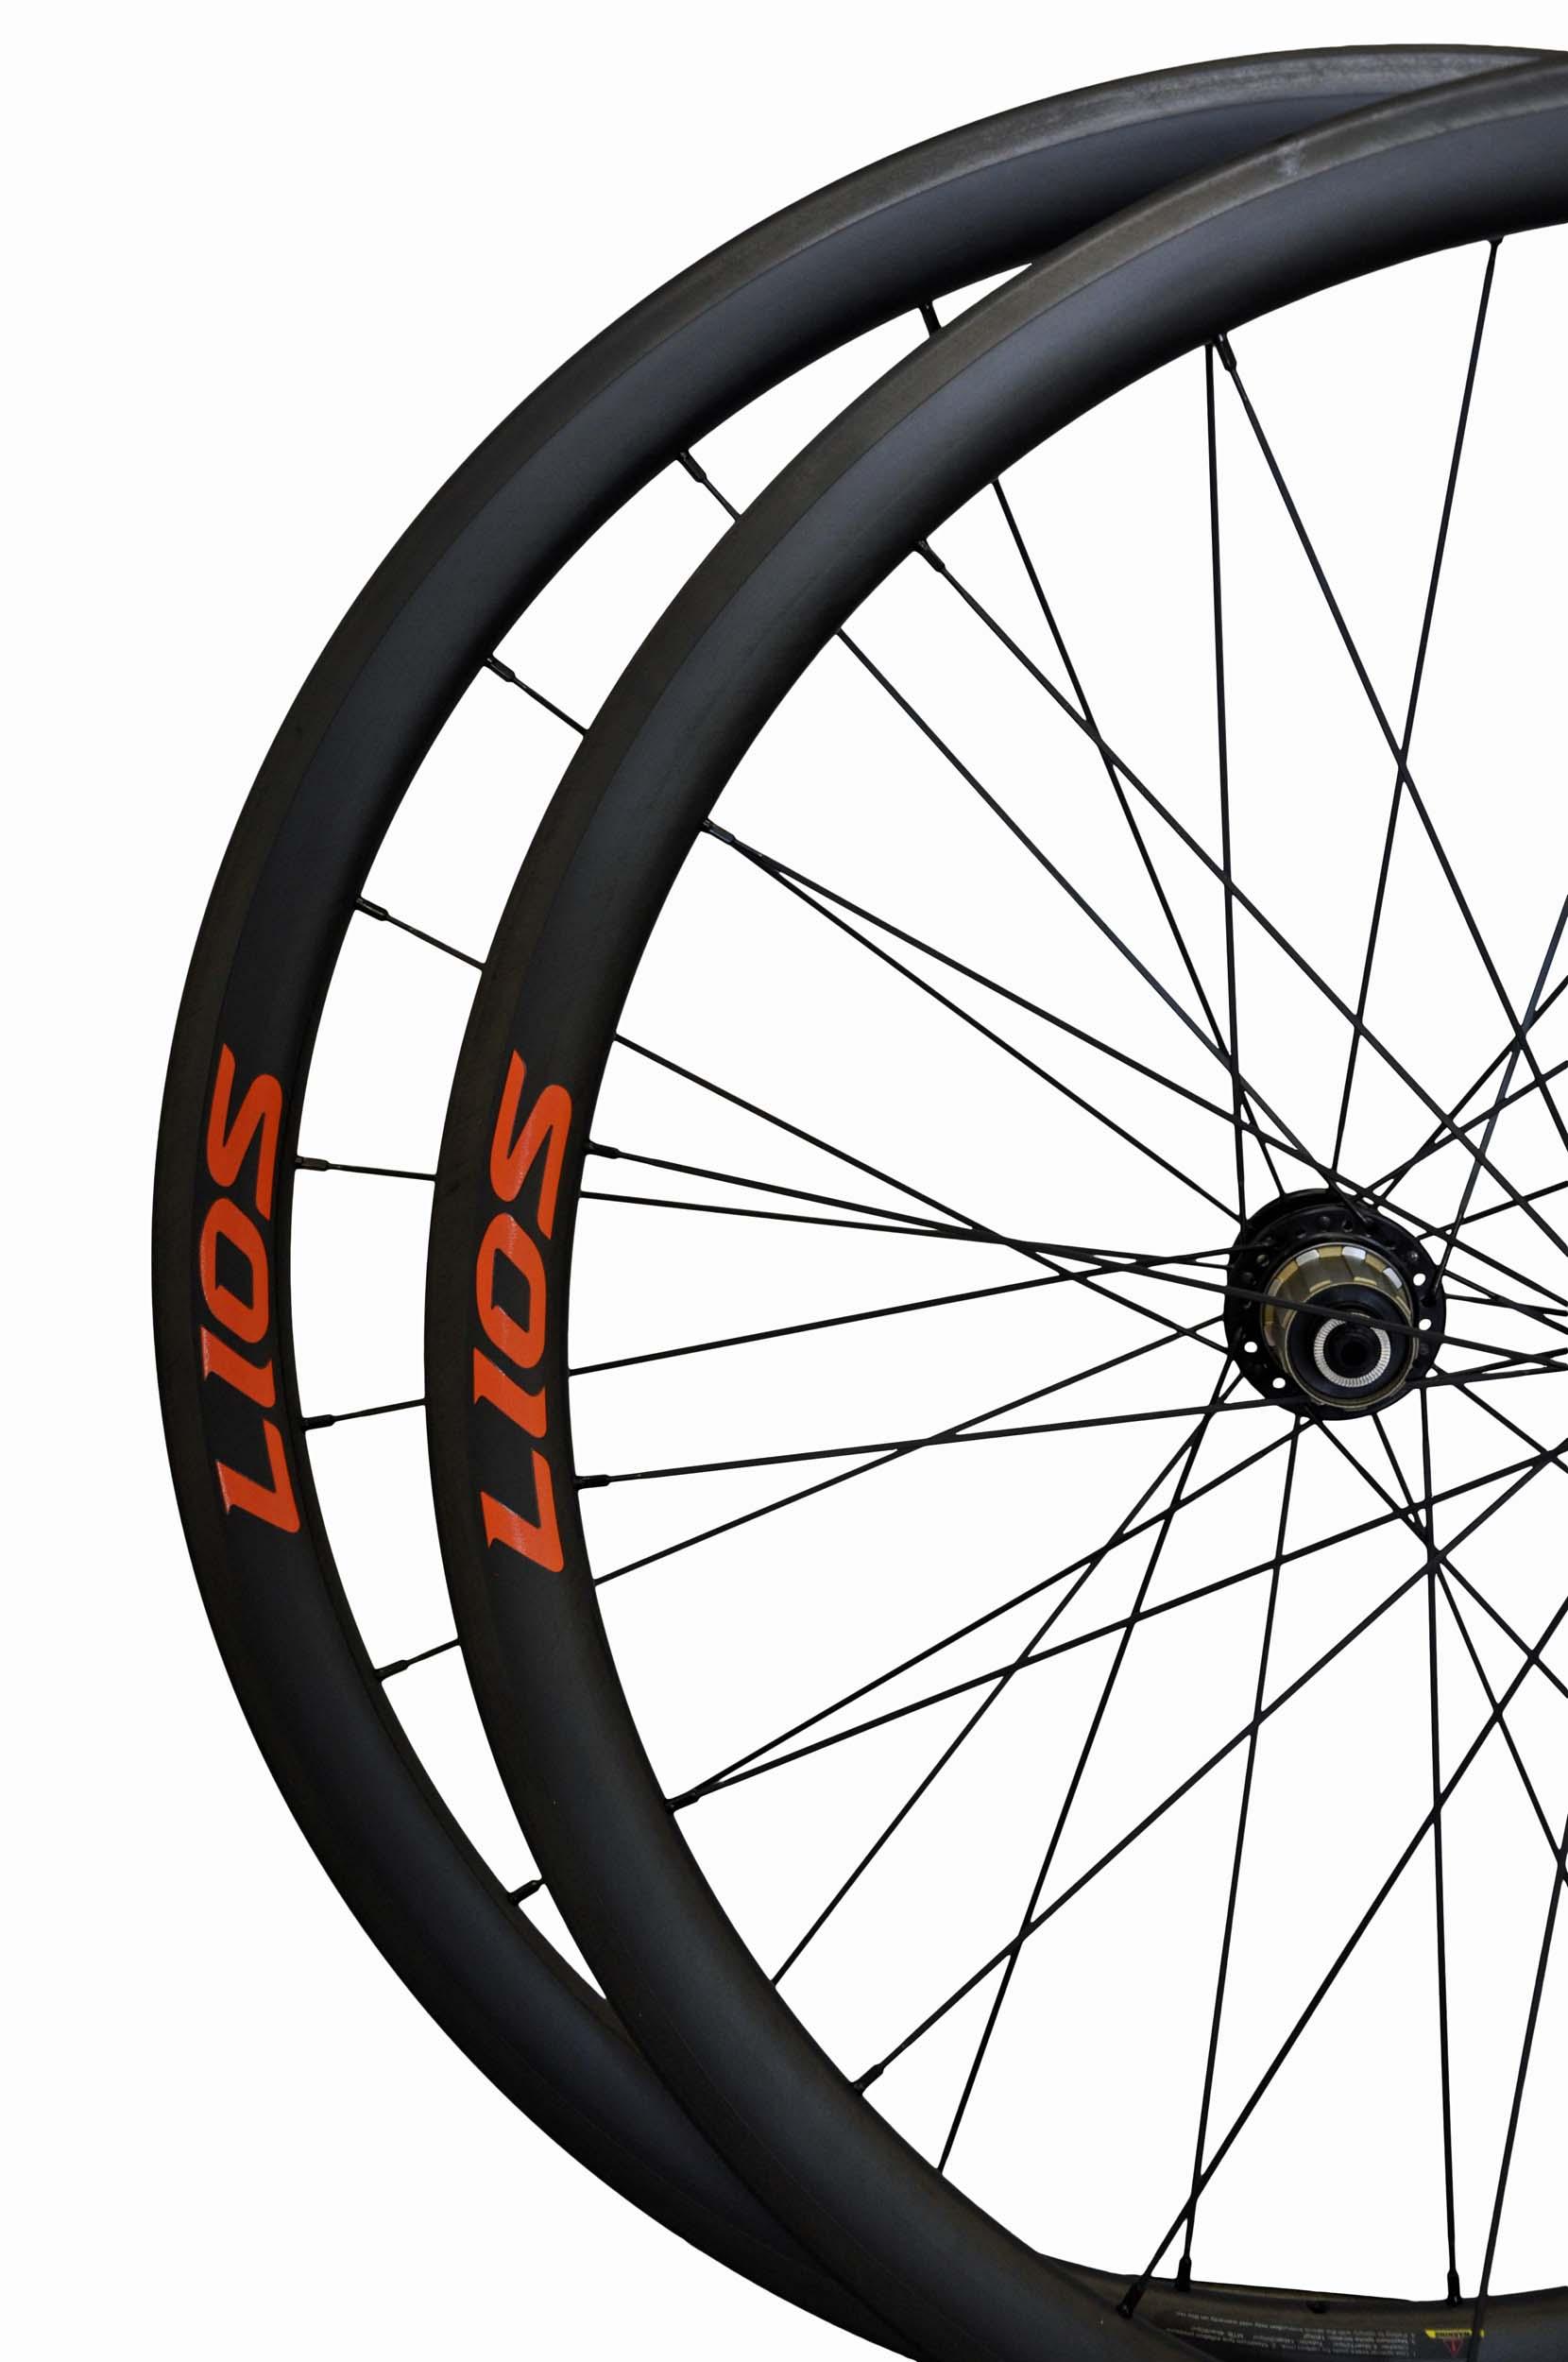 lios-wheel-c36-orange-logo-image4.jpg